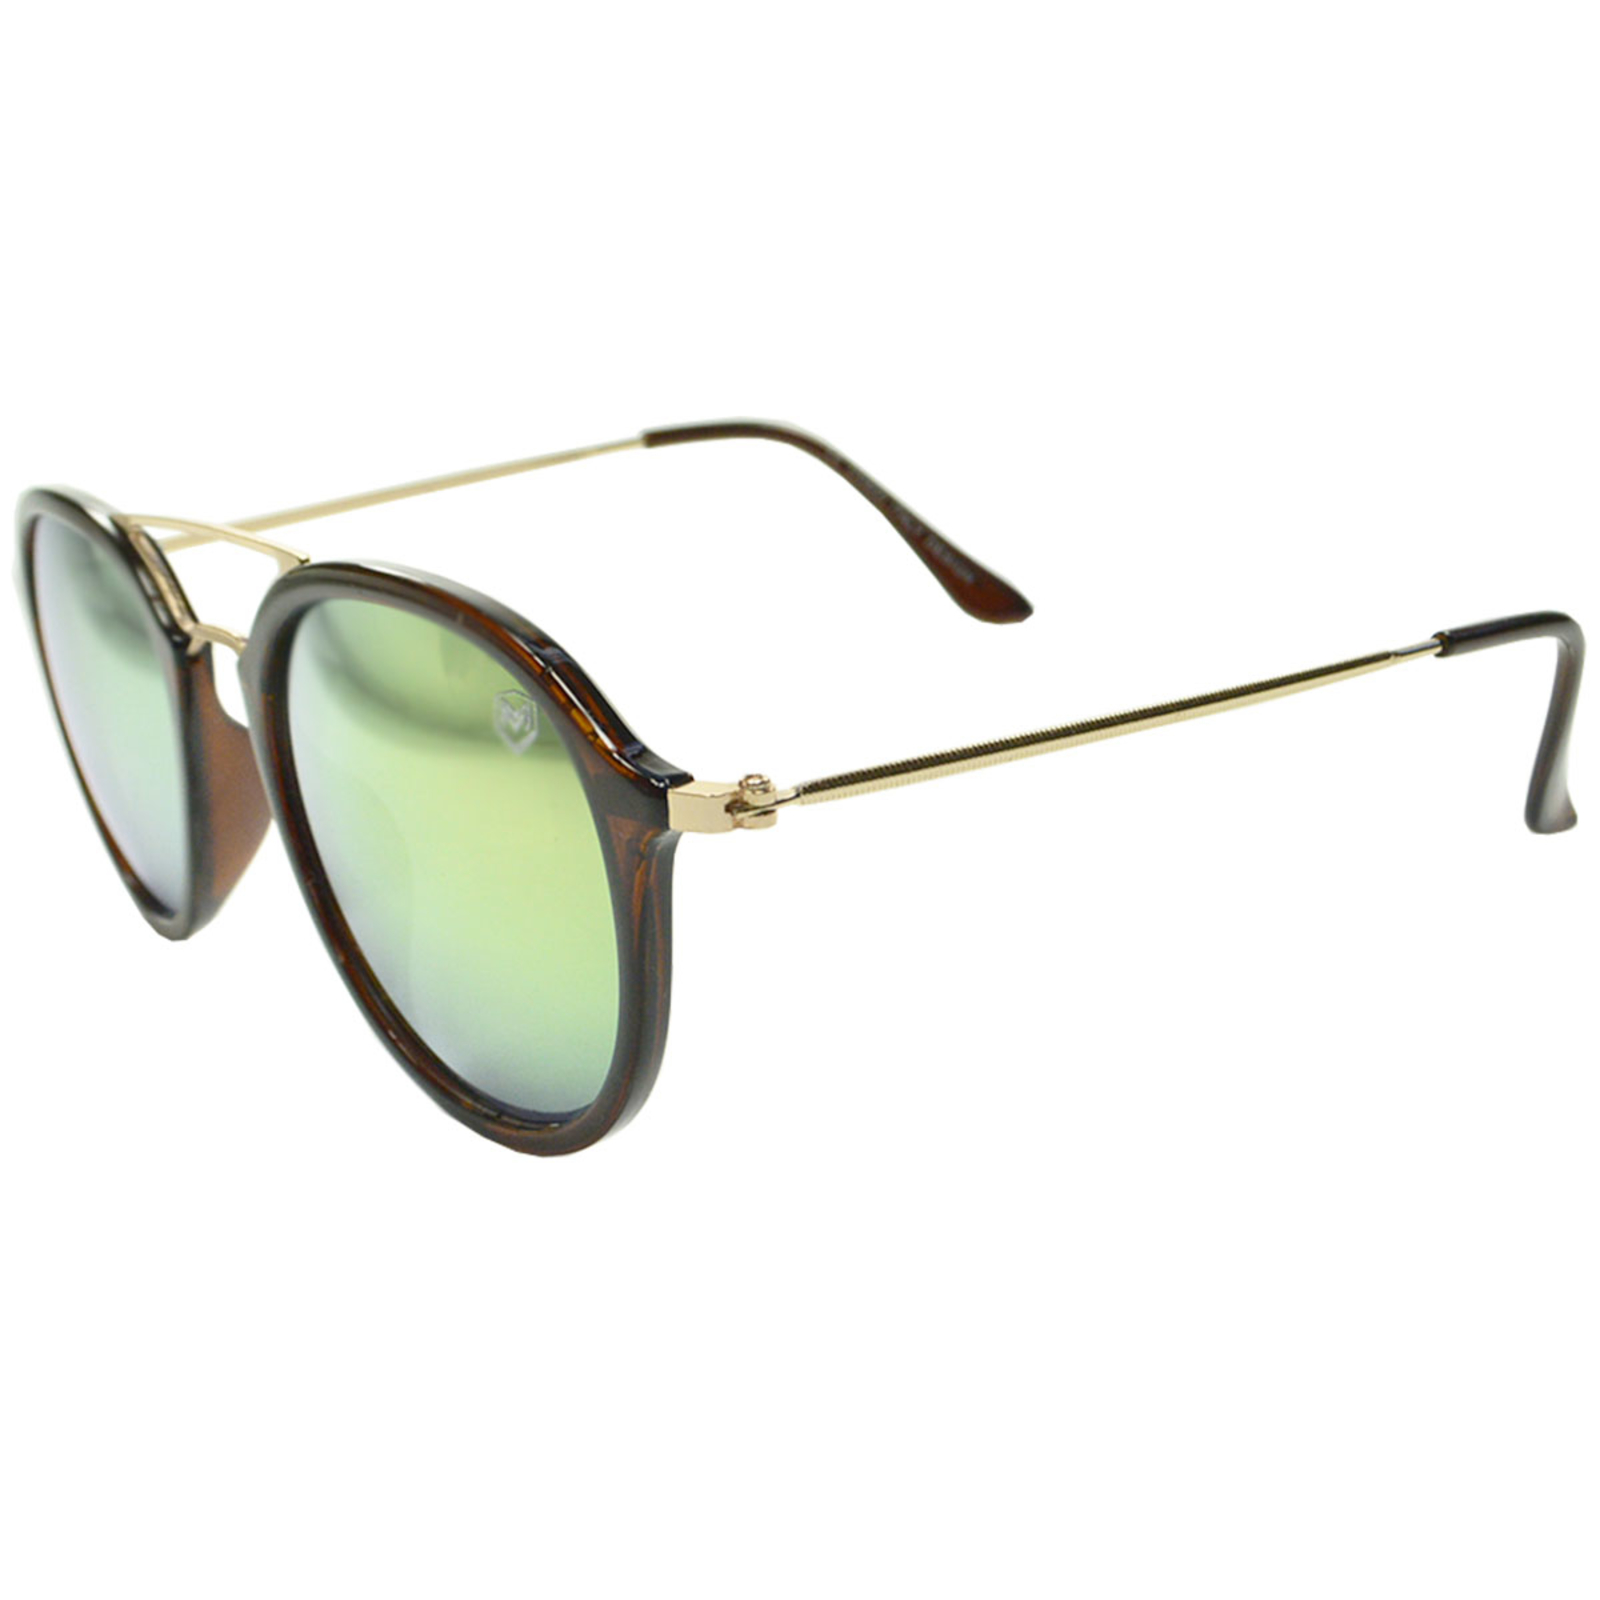 Óculos De Sol Mackage Unissex Acetato Aviator - Marrom